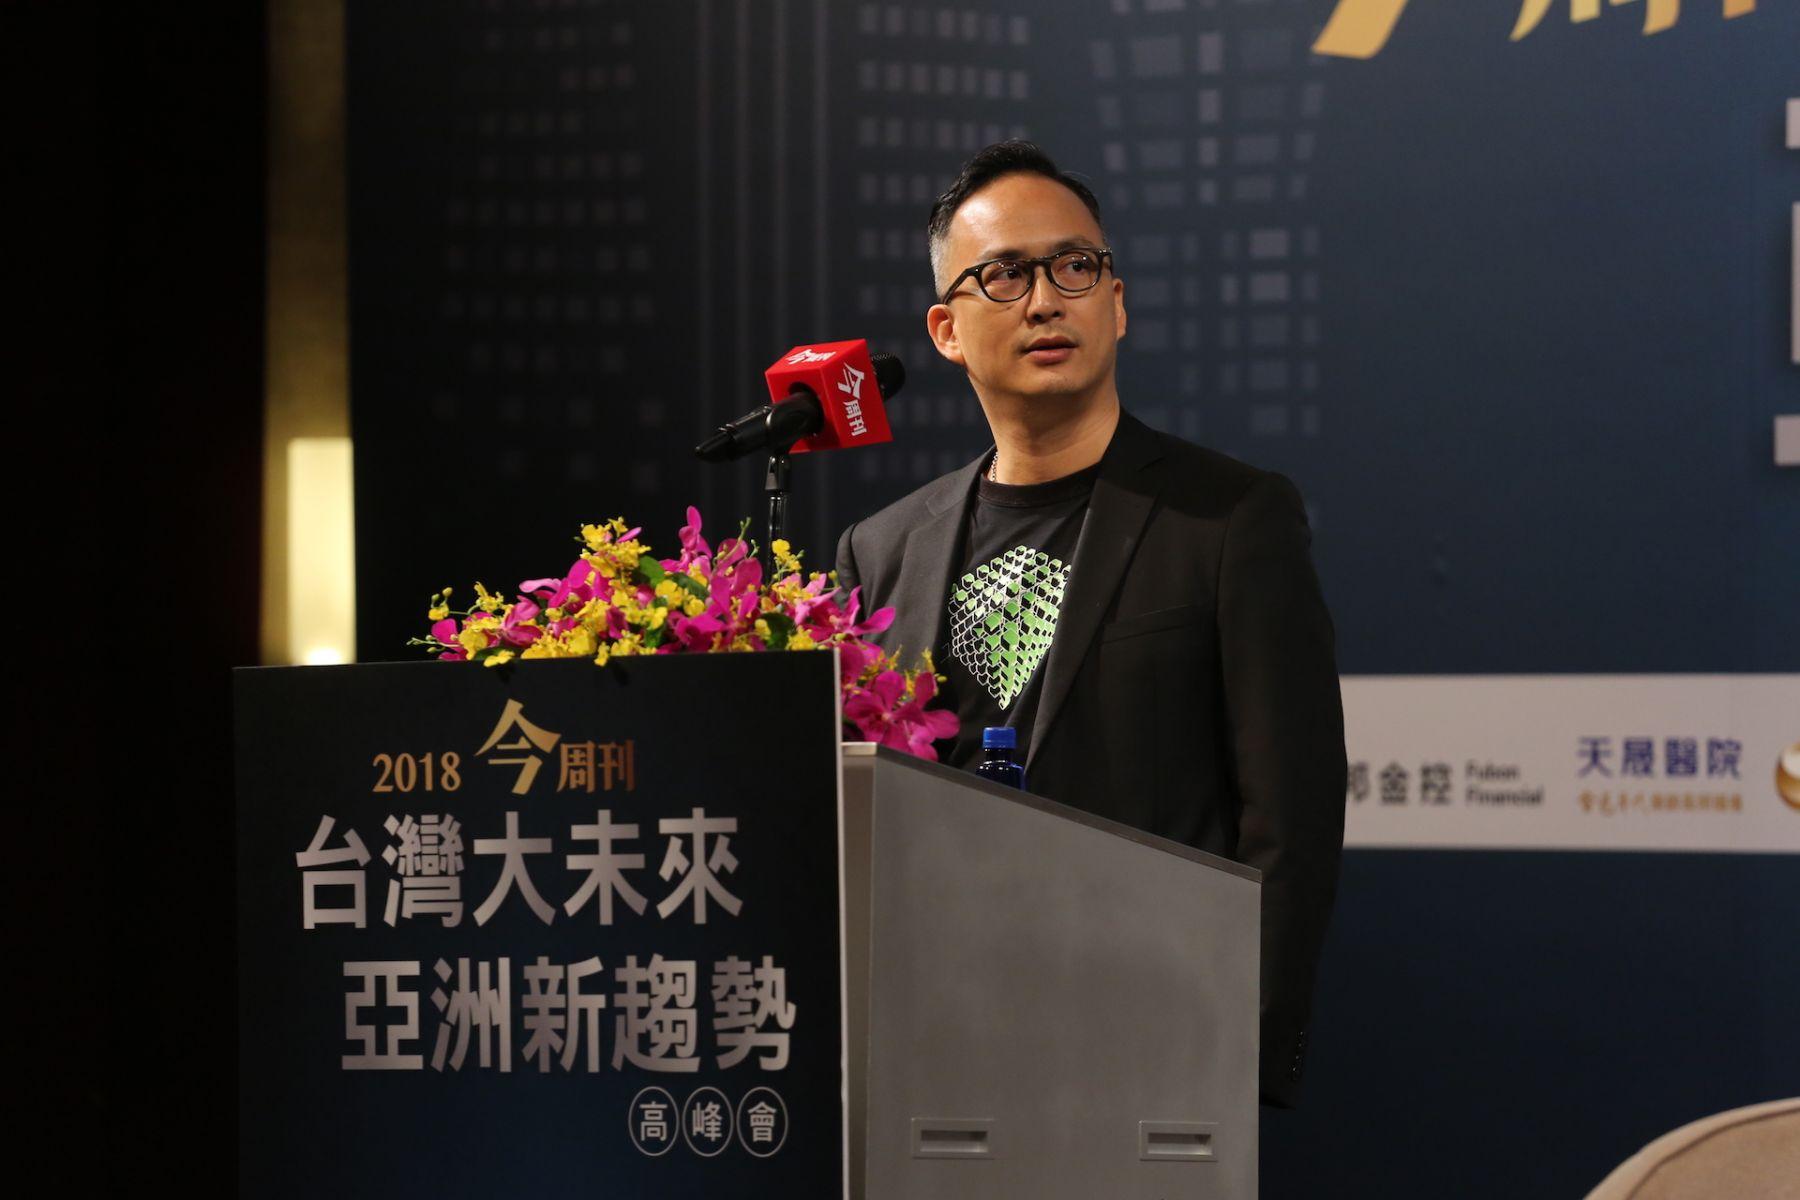 台灣產業脫胎換骨的機會!NVIDIA副總:每個人都可能是AI創業家